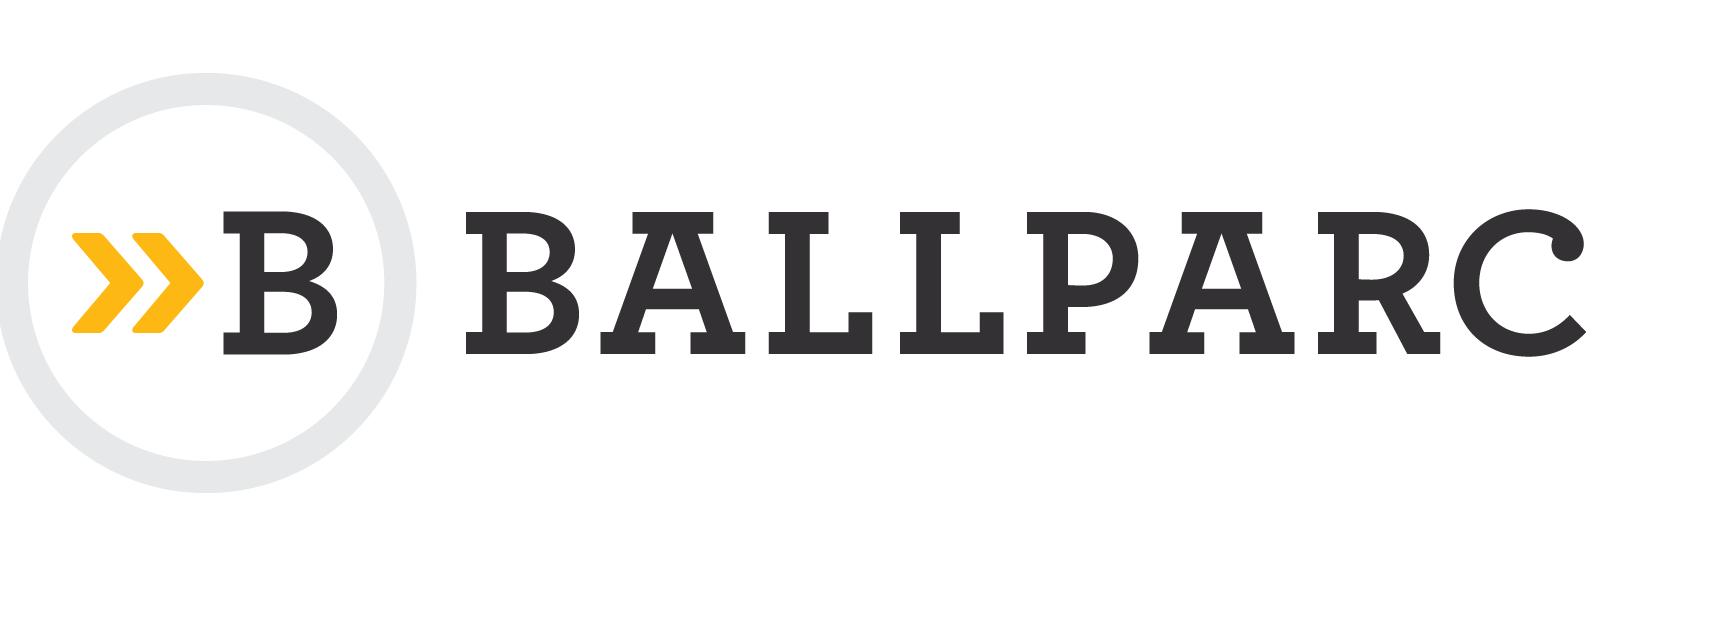 Ballparc